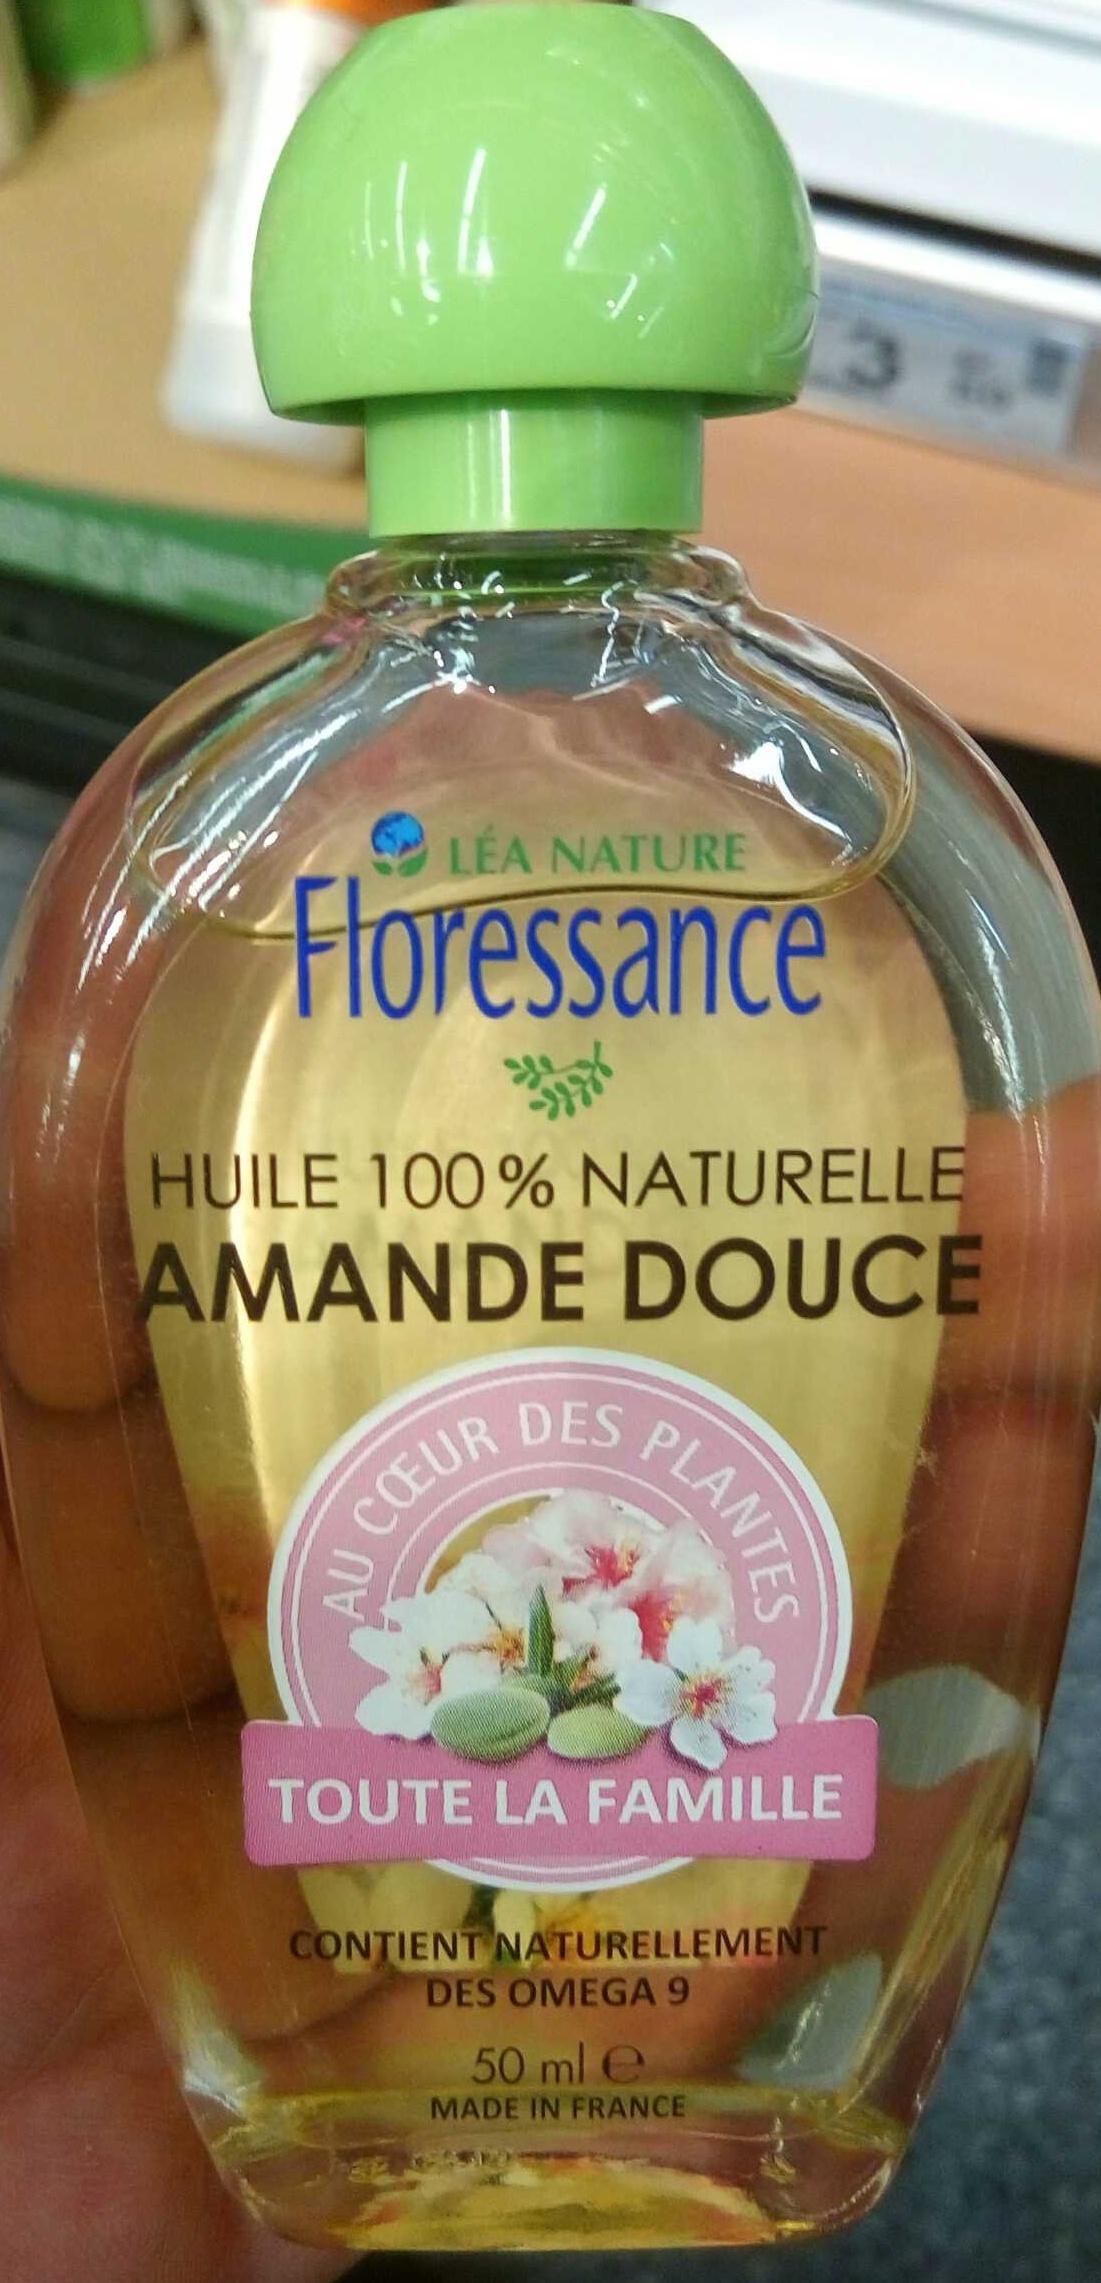 Huile 100% naturelle Amande Douce - Produit - fr